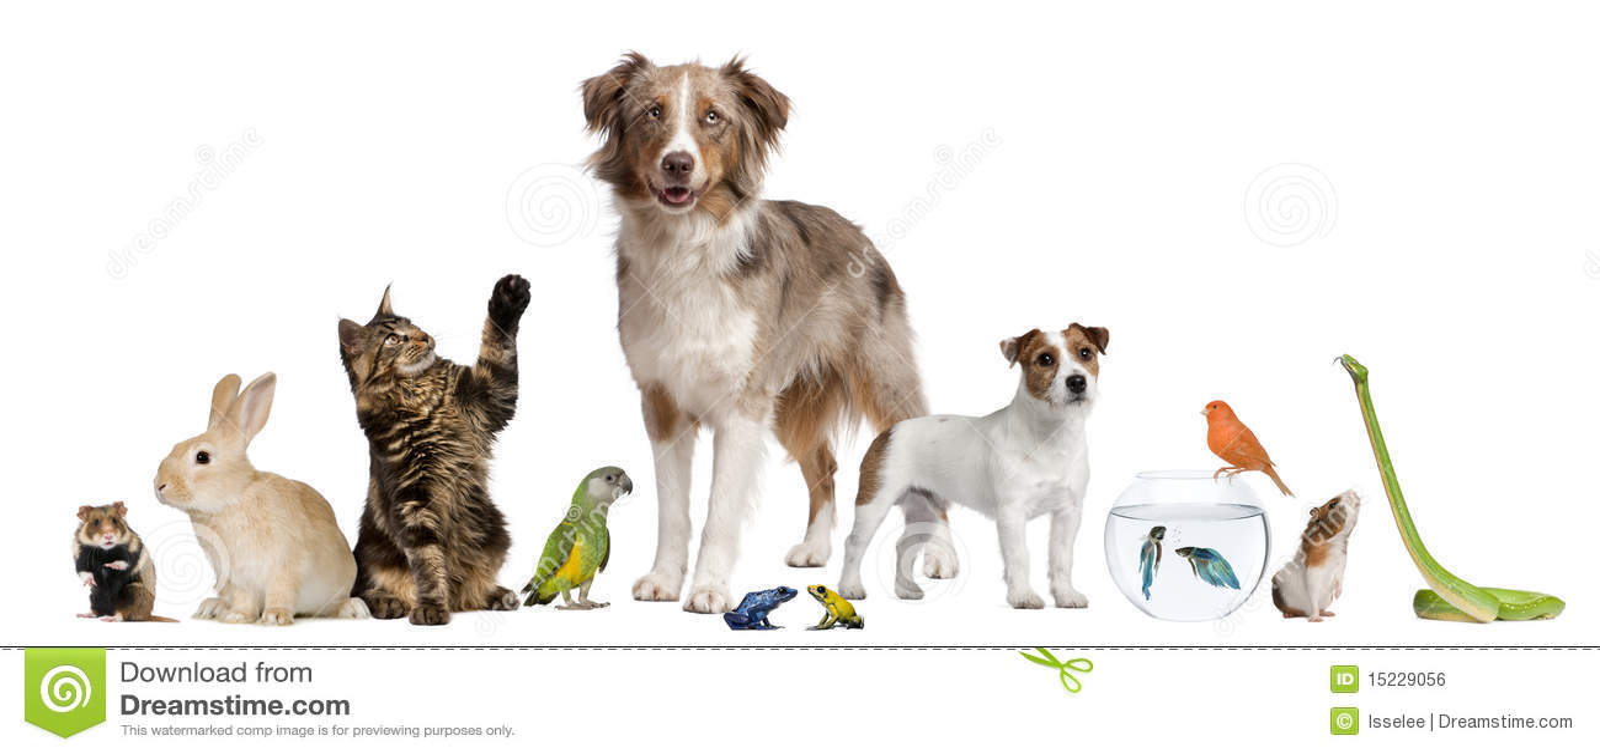 Gruppe Haustiere Zusammen Stockfoto. Bild Von Katze